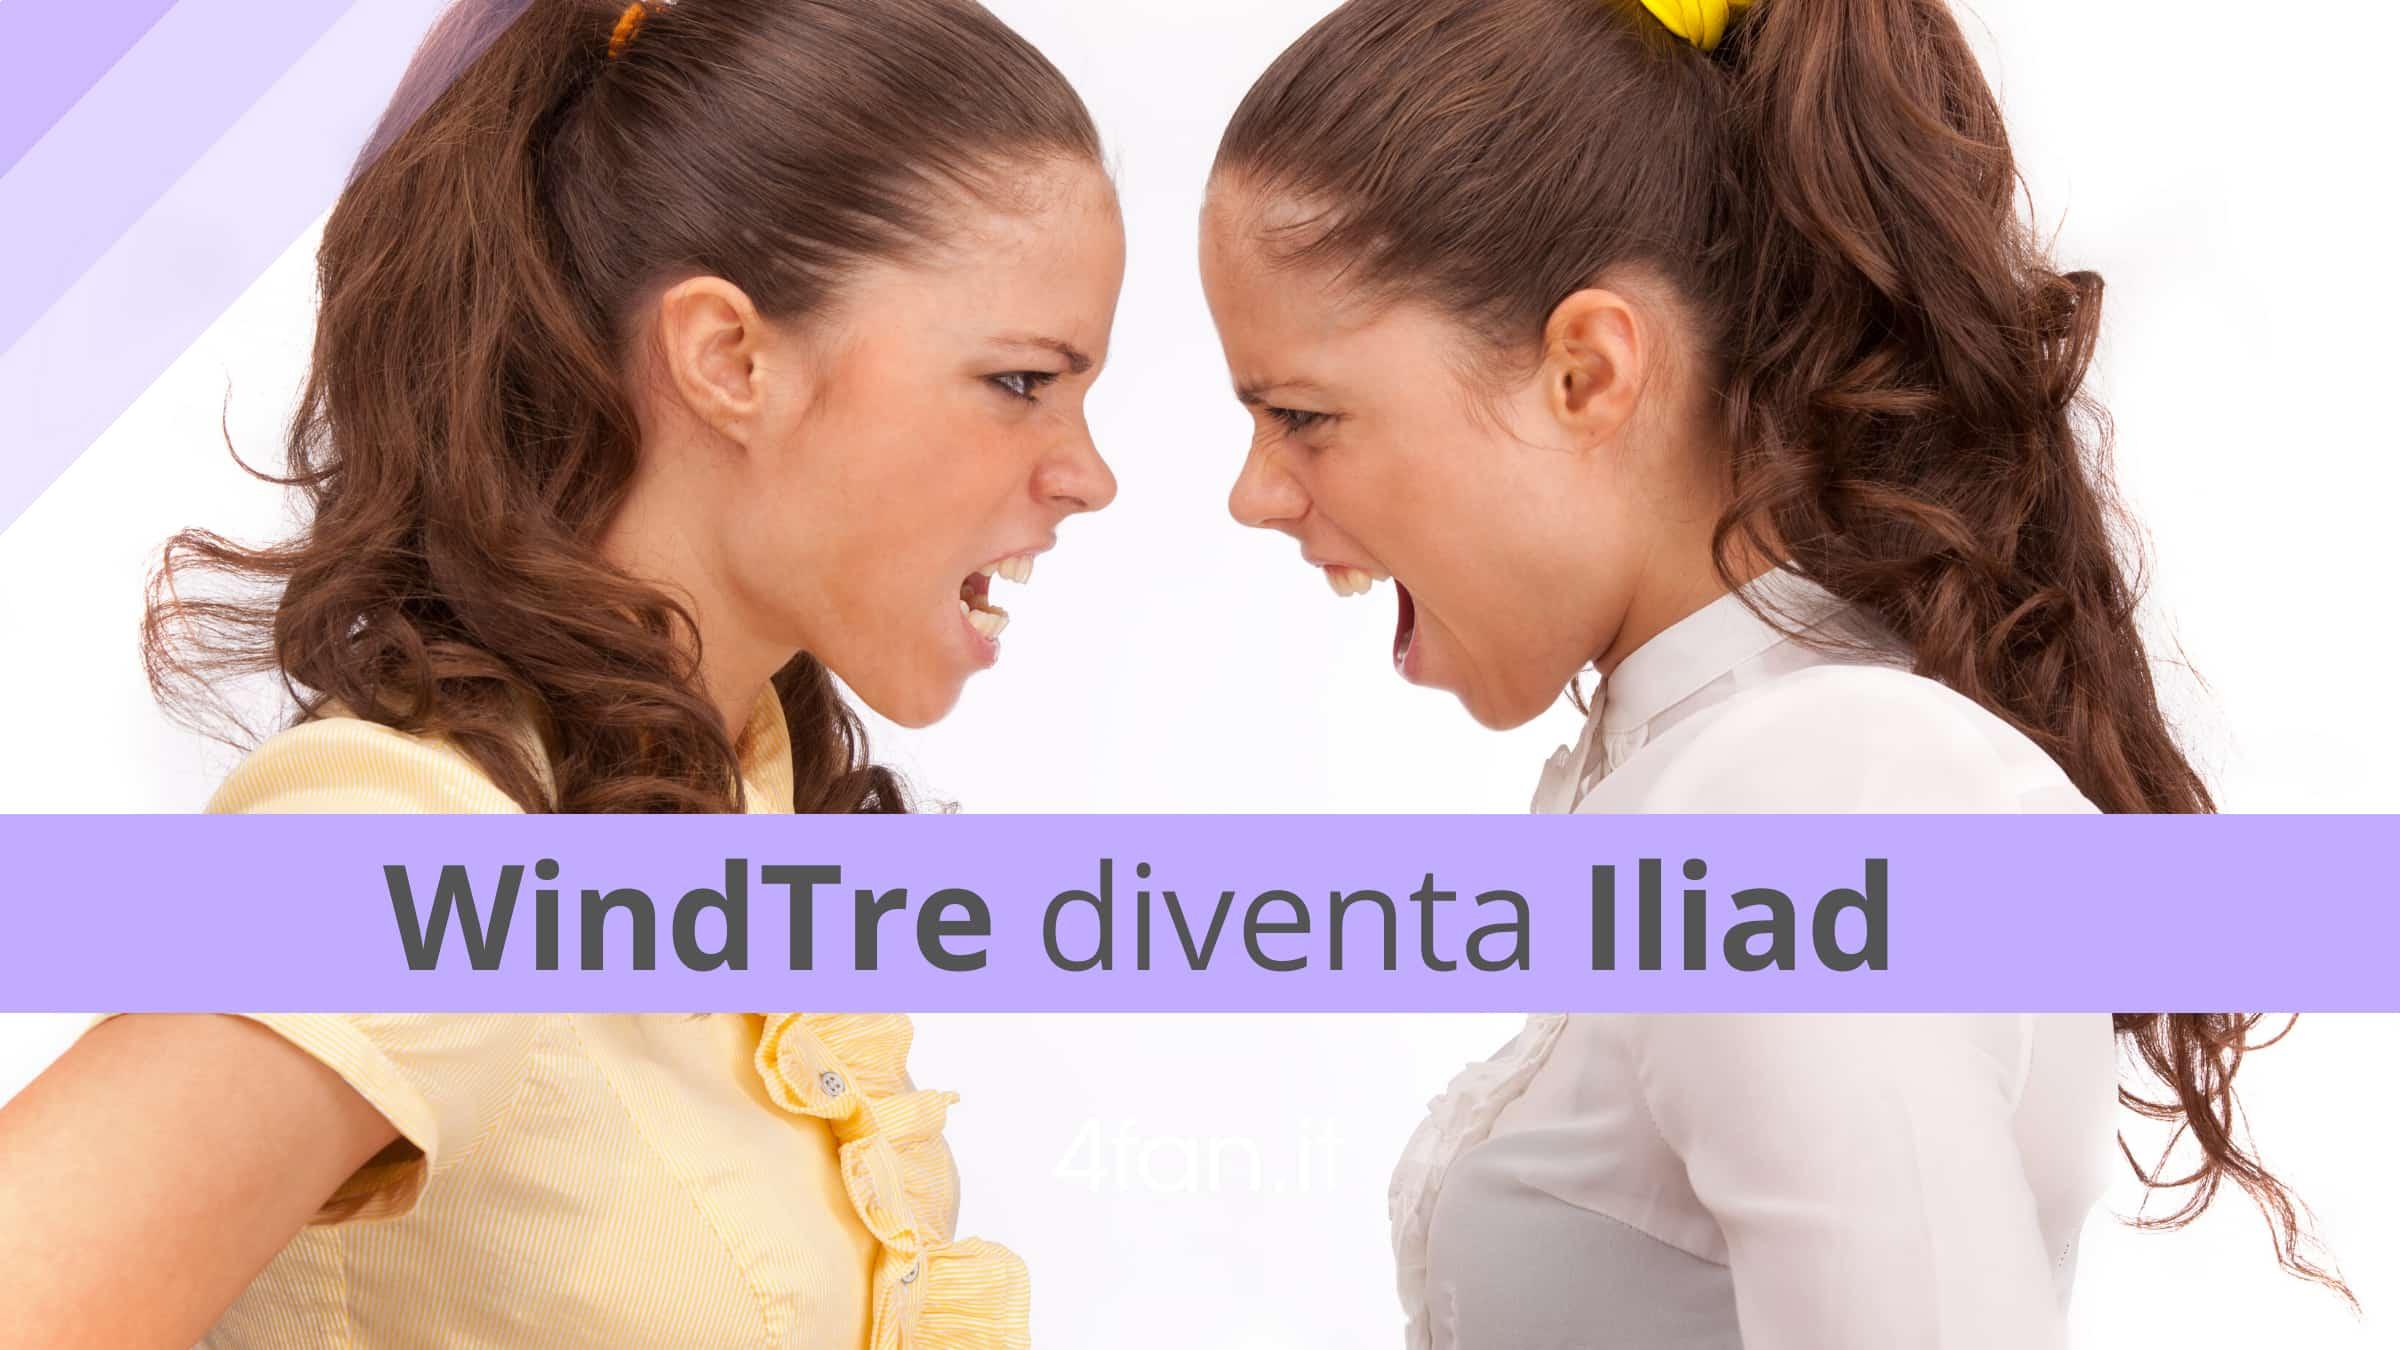 WindTre diventa Iliad